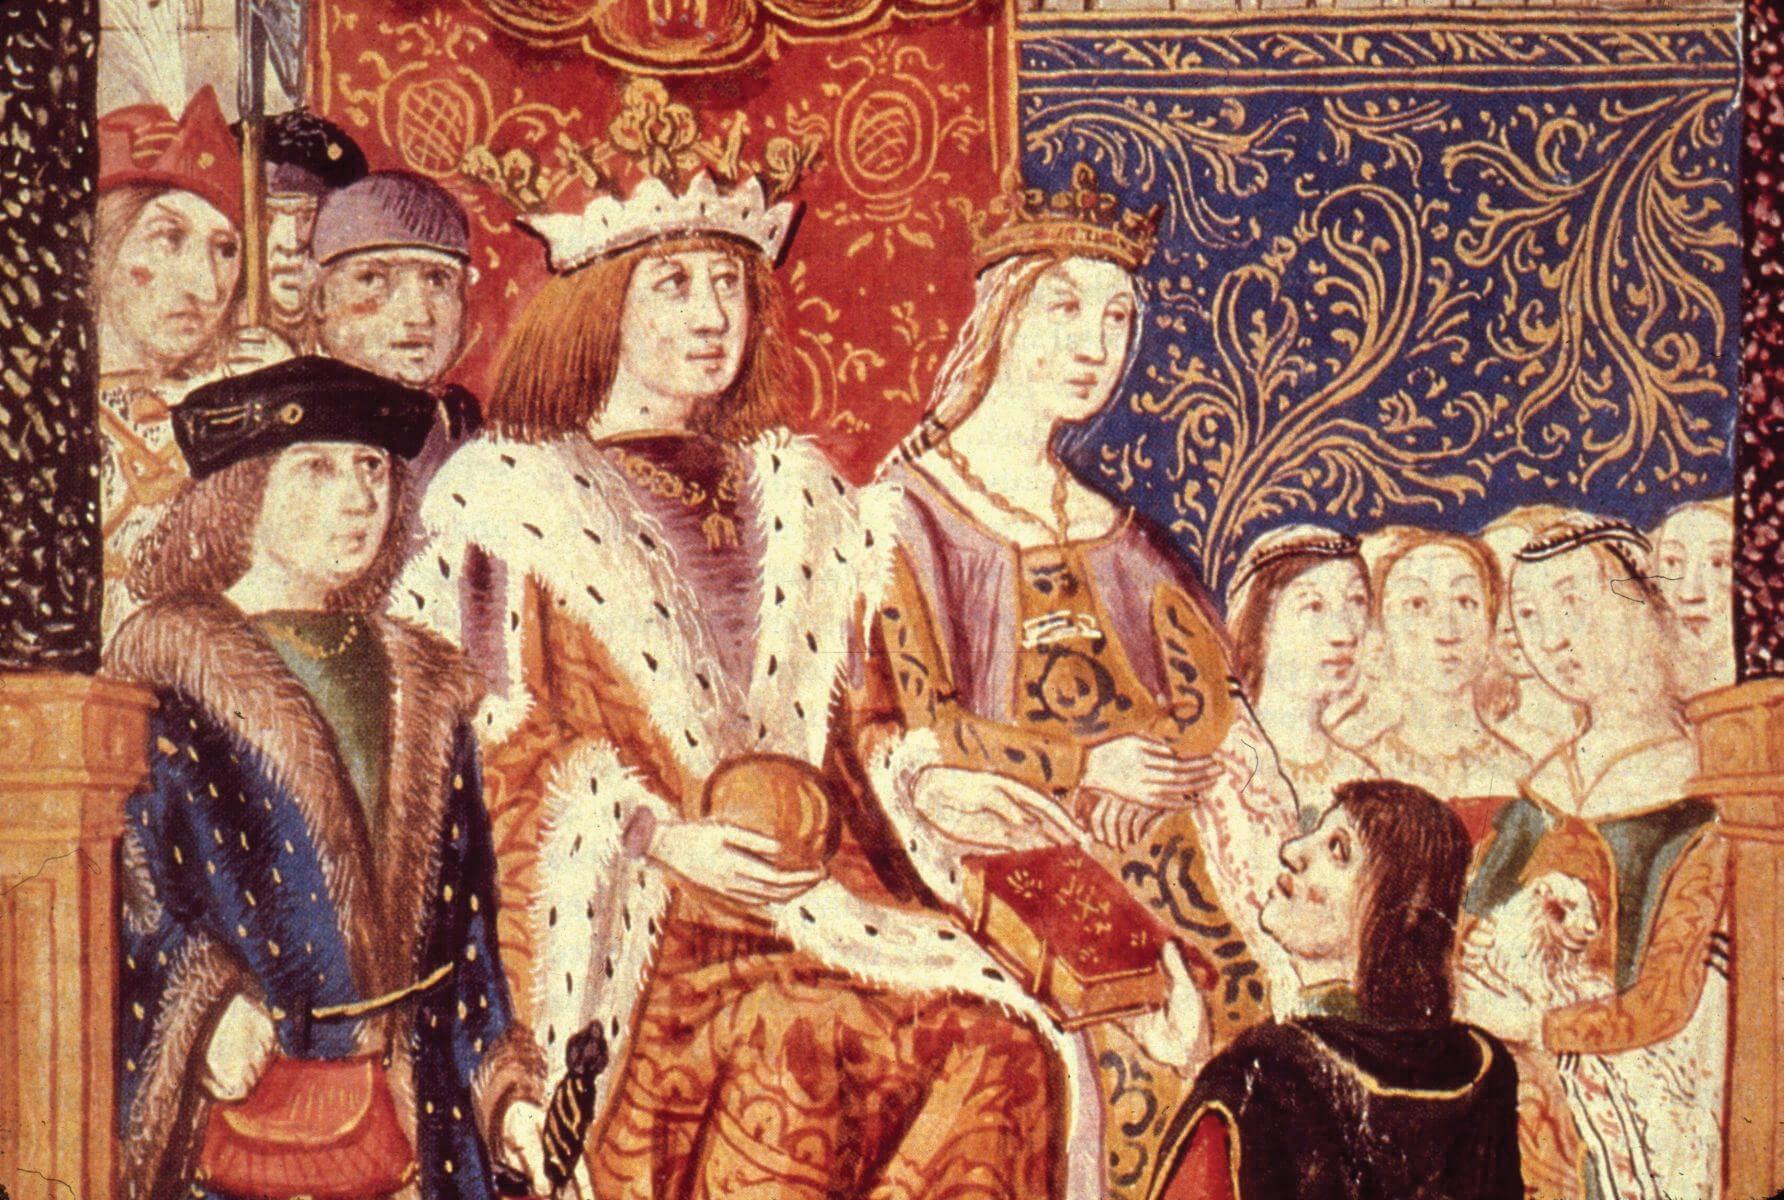 ההיסטוריה היהודית מתייחסת לפרדיננד ולאיזבלה כשניים מגדולי הרשעים בהיסטוריה, אולם בעיניים ספרדיות מדובר בגדולים שבמלכי ספרד— אלה שהביאו לאיחודה ולהפיכתה לממלכה גדולה.